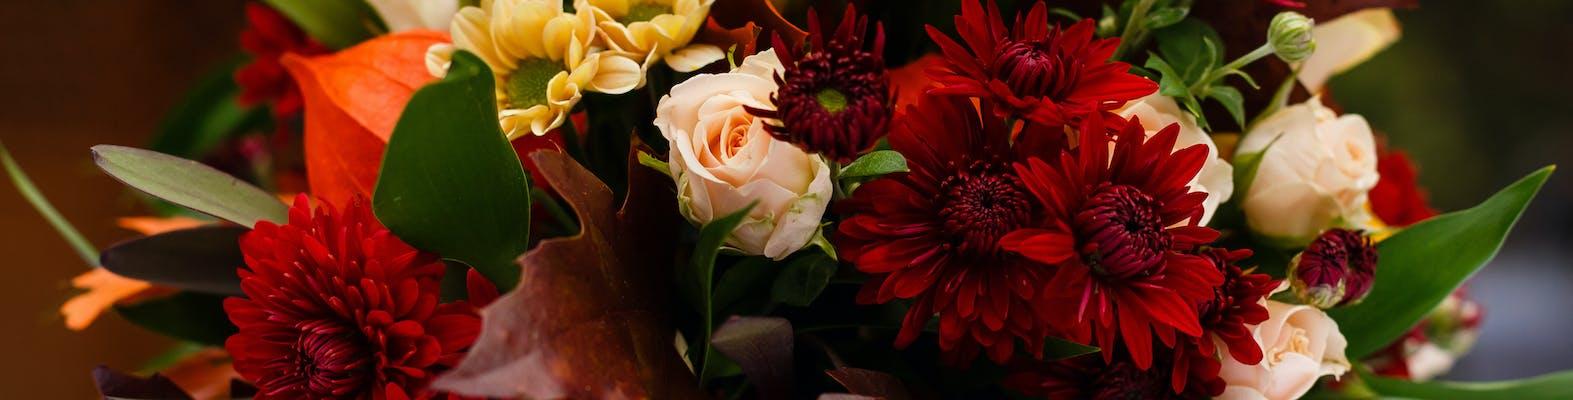 Norton S Florist Flower Delivery Birmingham Al Florist